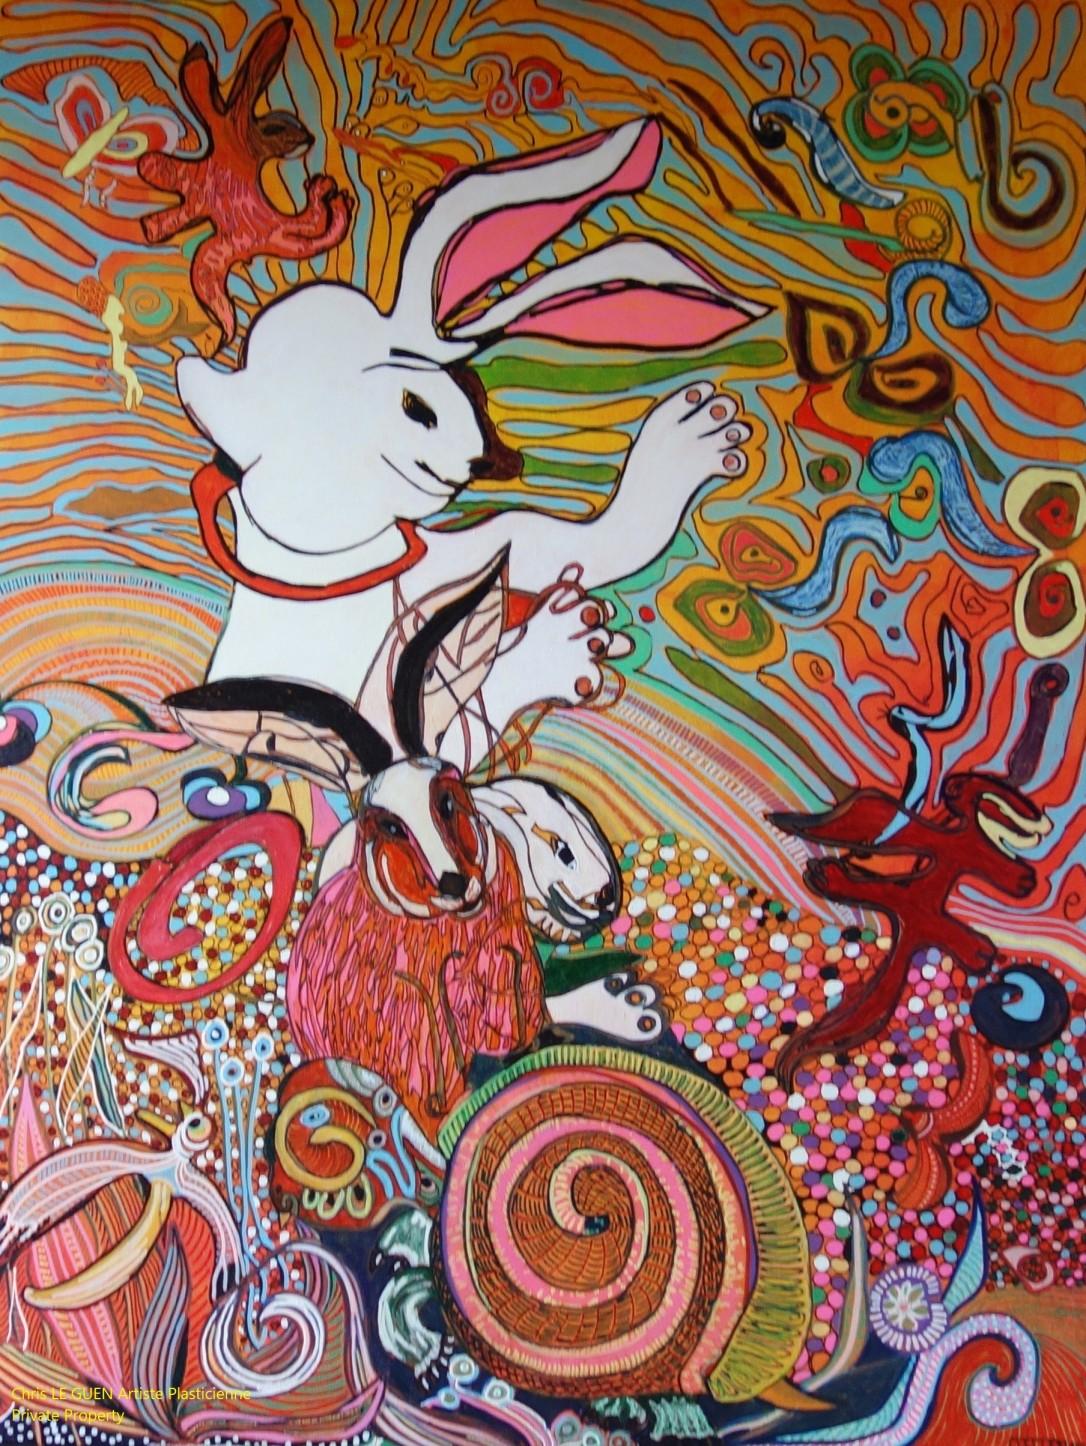 Chris Le Guen Artiste Plasticienne Peintre et Sculptrice a fait Le Lièvre et la Tortue